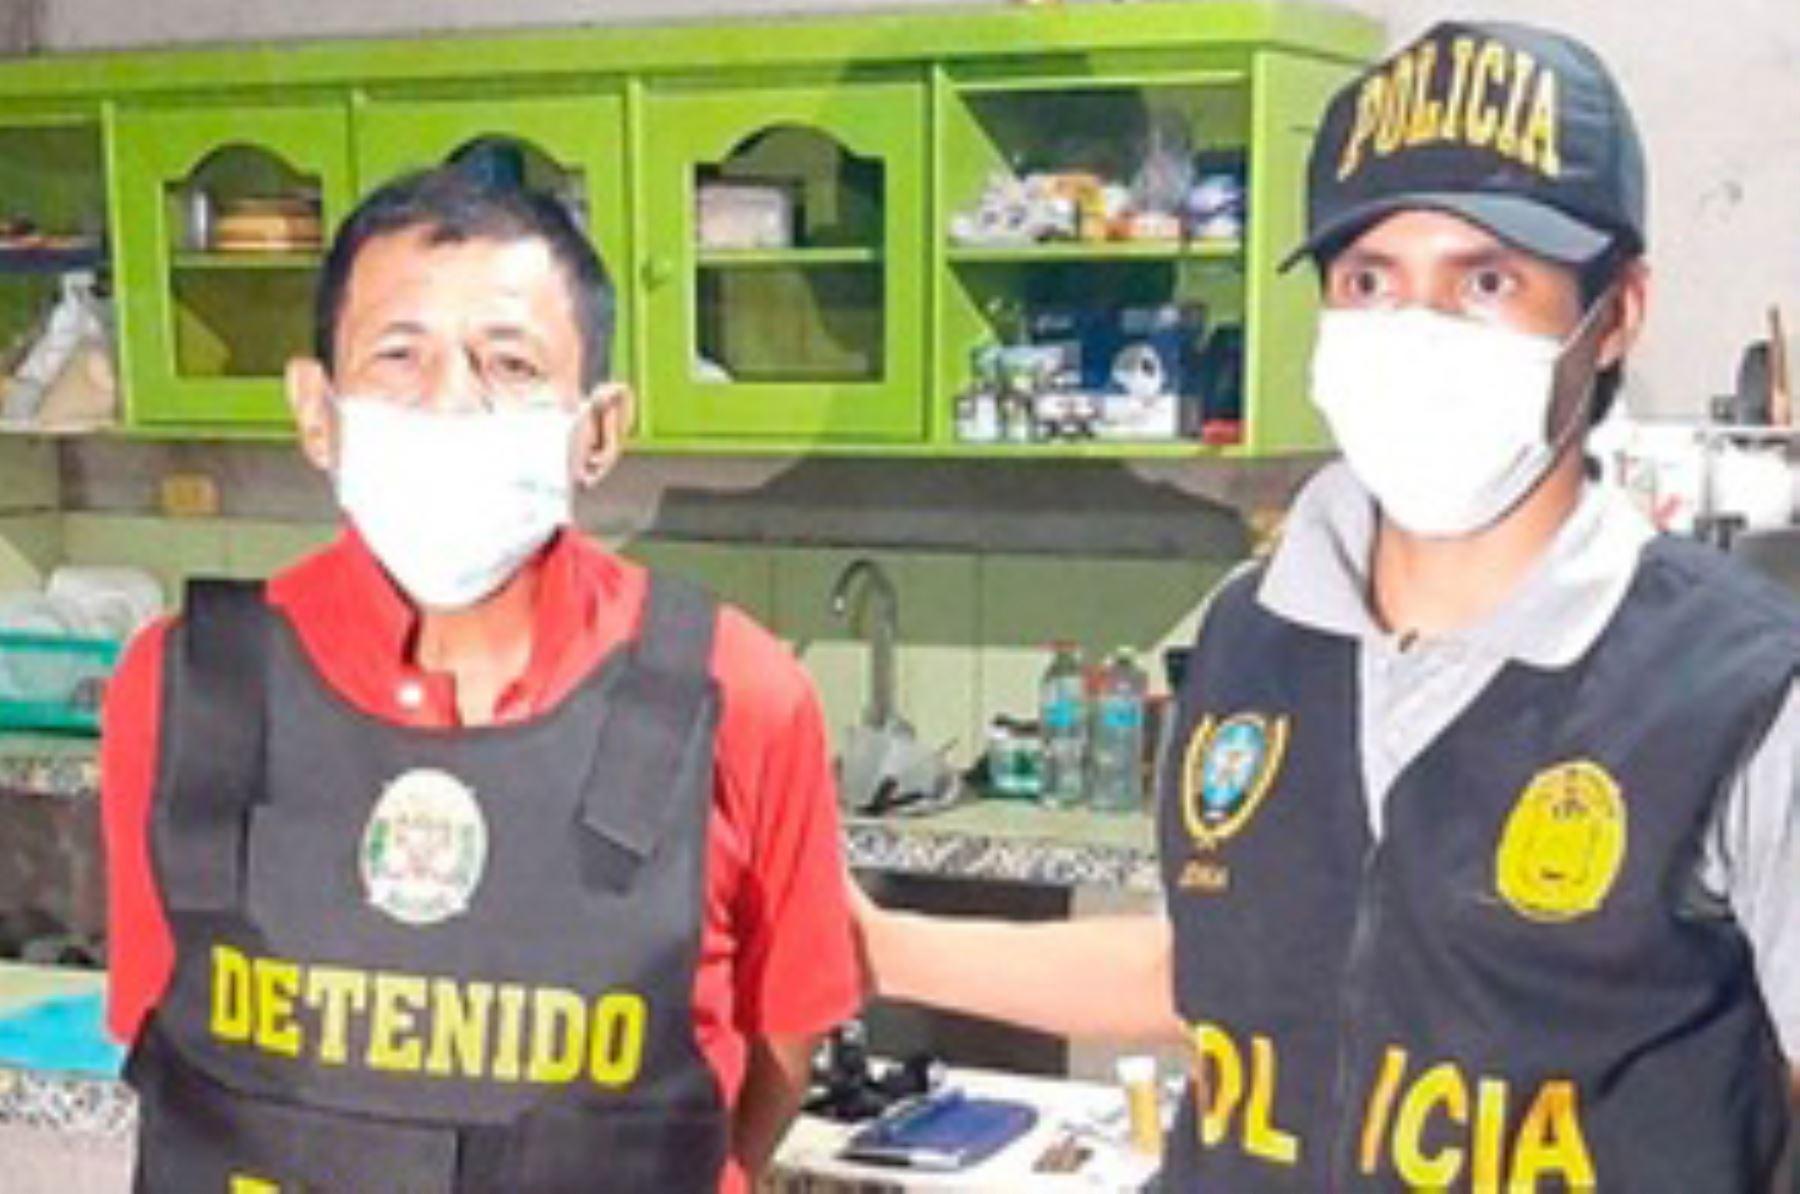 La organización delictiva estaba integrada por exfuncionarios del gobierno regional de Madre de Dios, la Sunat y policías.